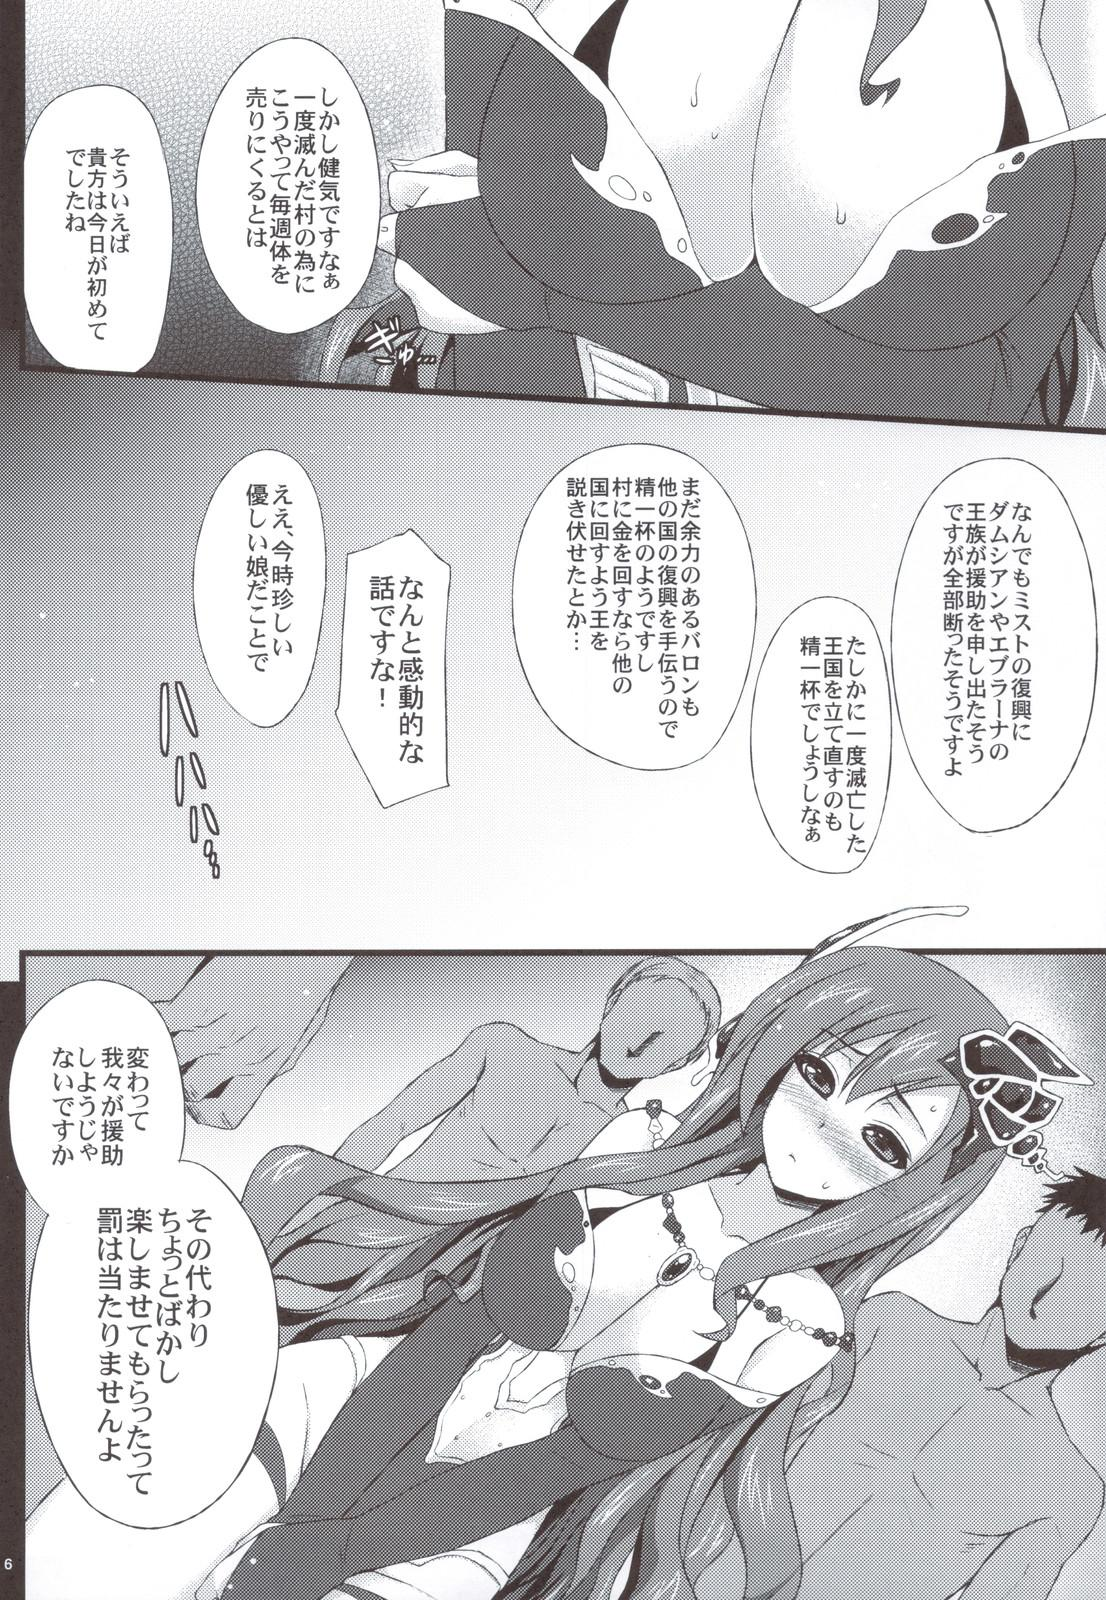 Rydia no Kachi 5